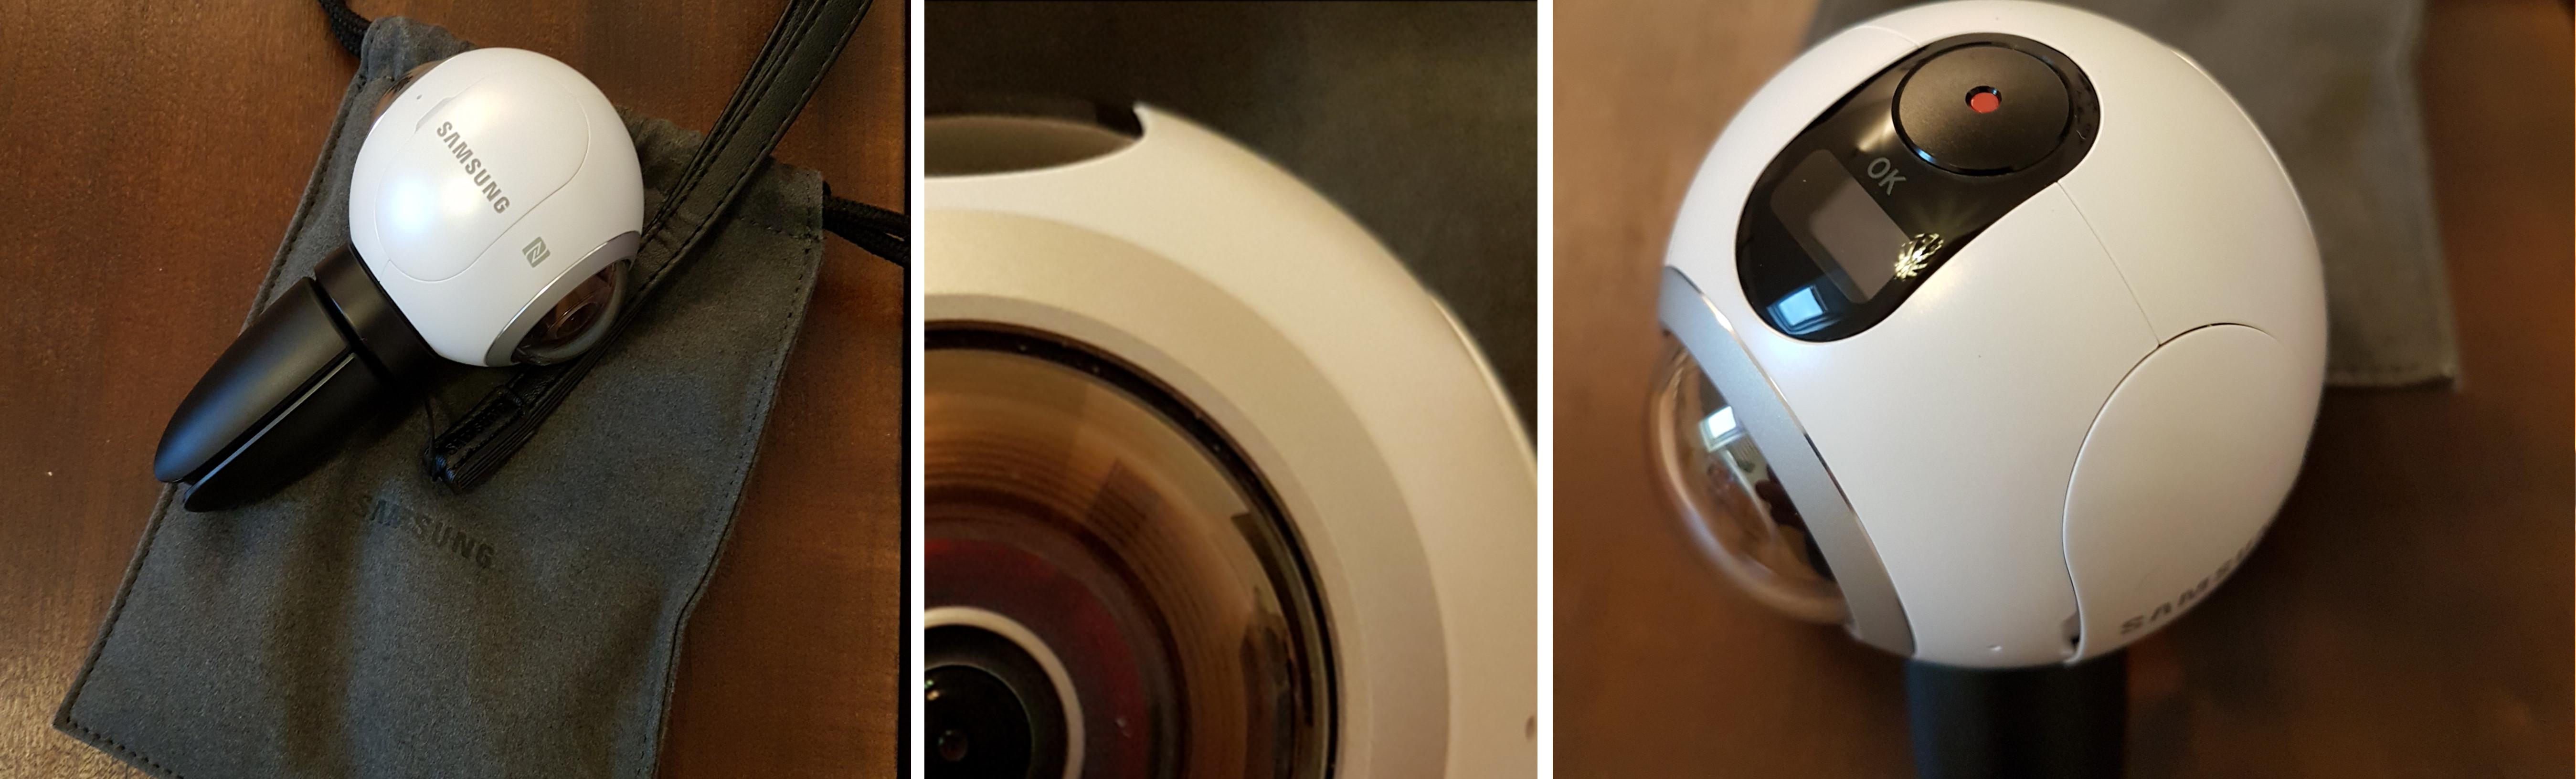 Ab jetzt geht's rund – 360 Grad Bilder und Videos mit der Gear360